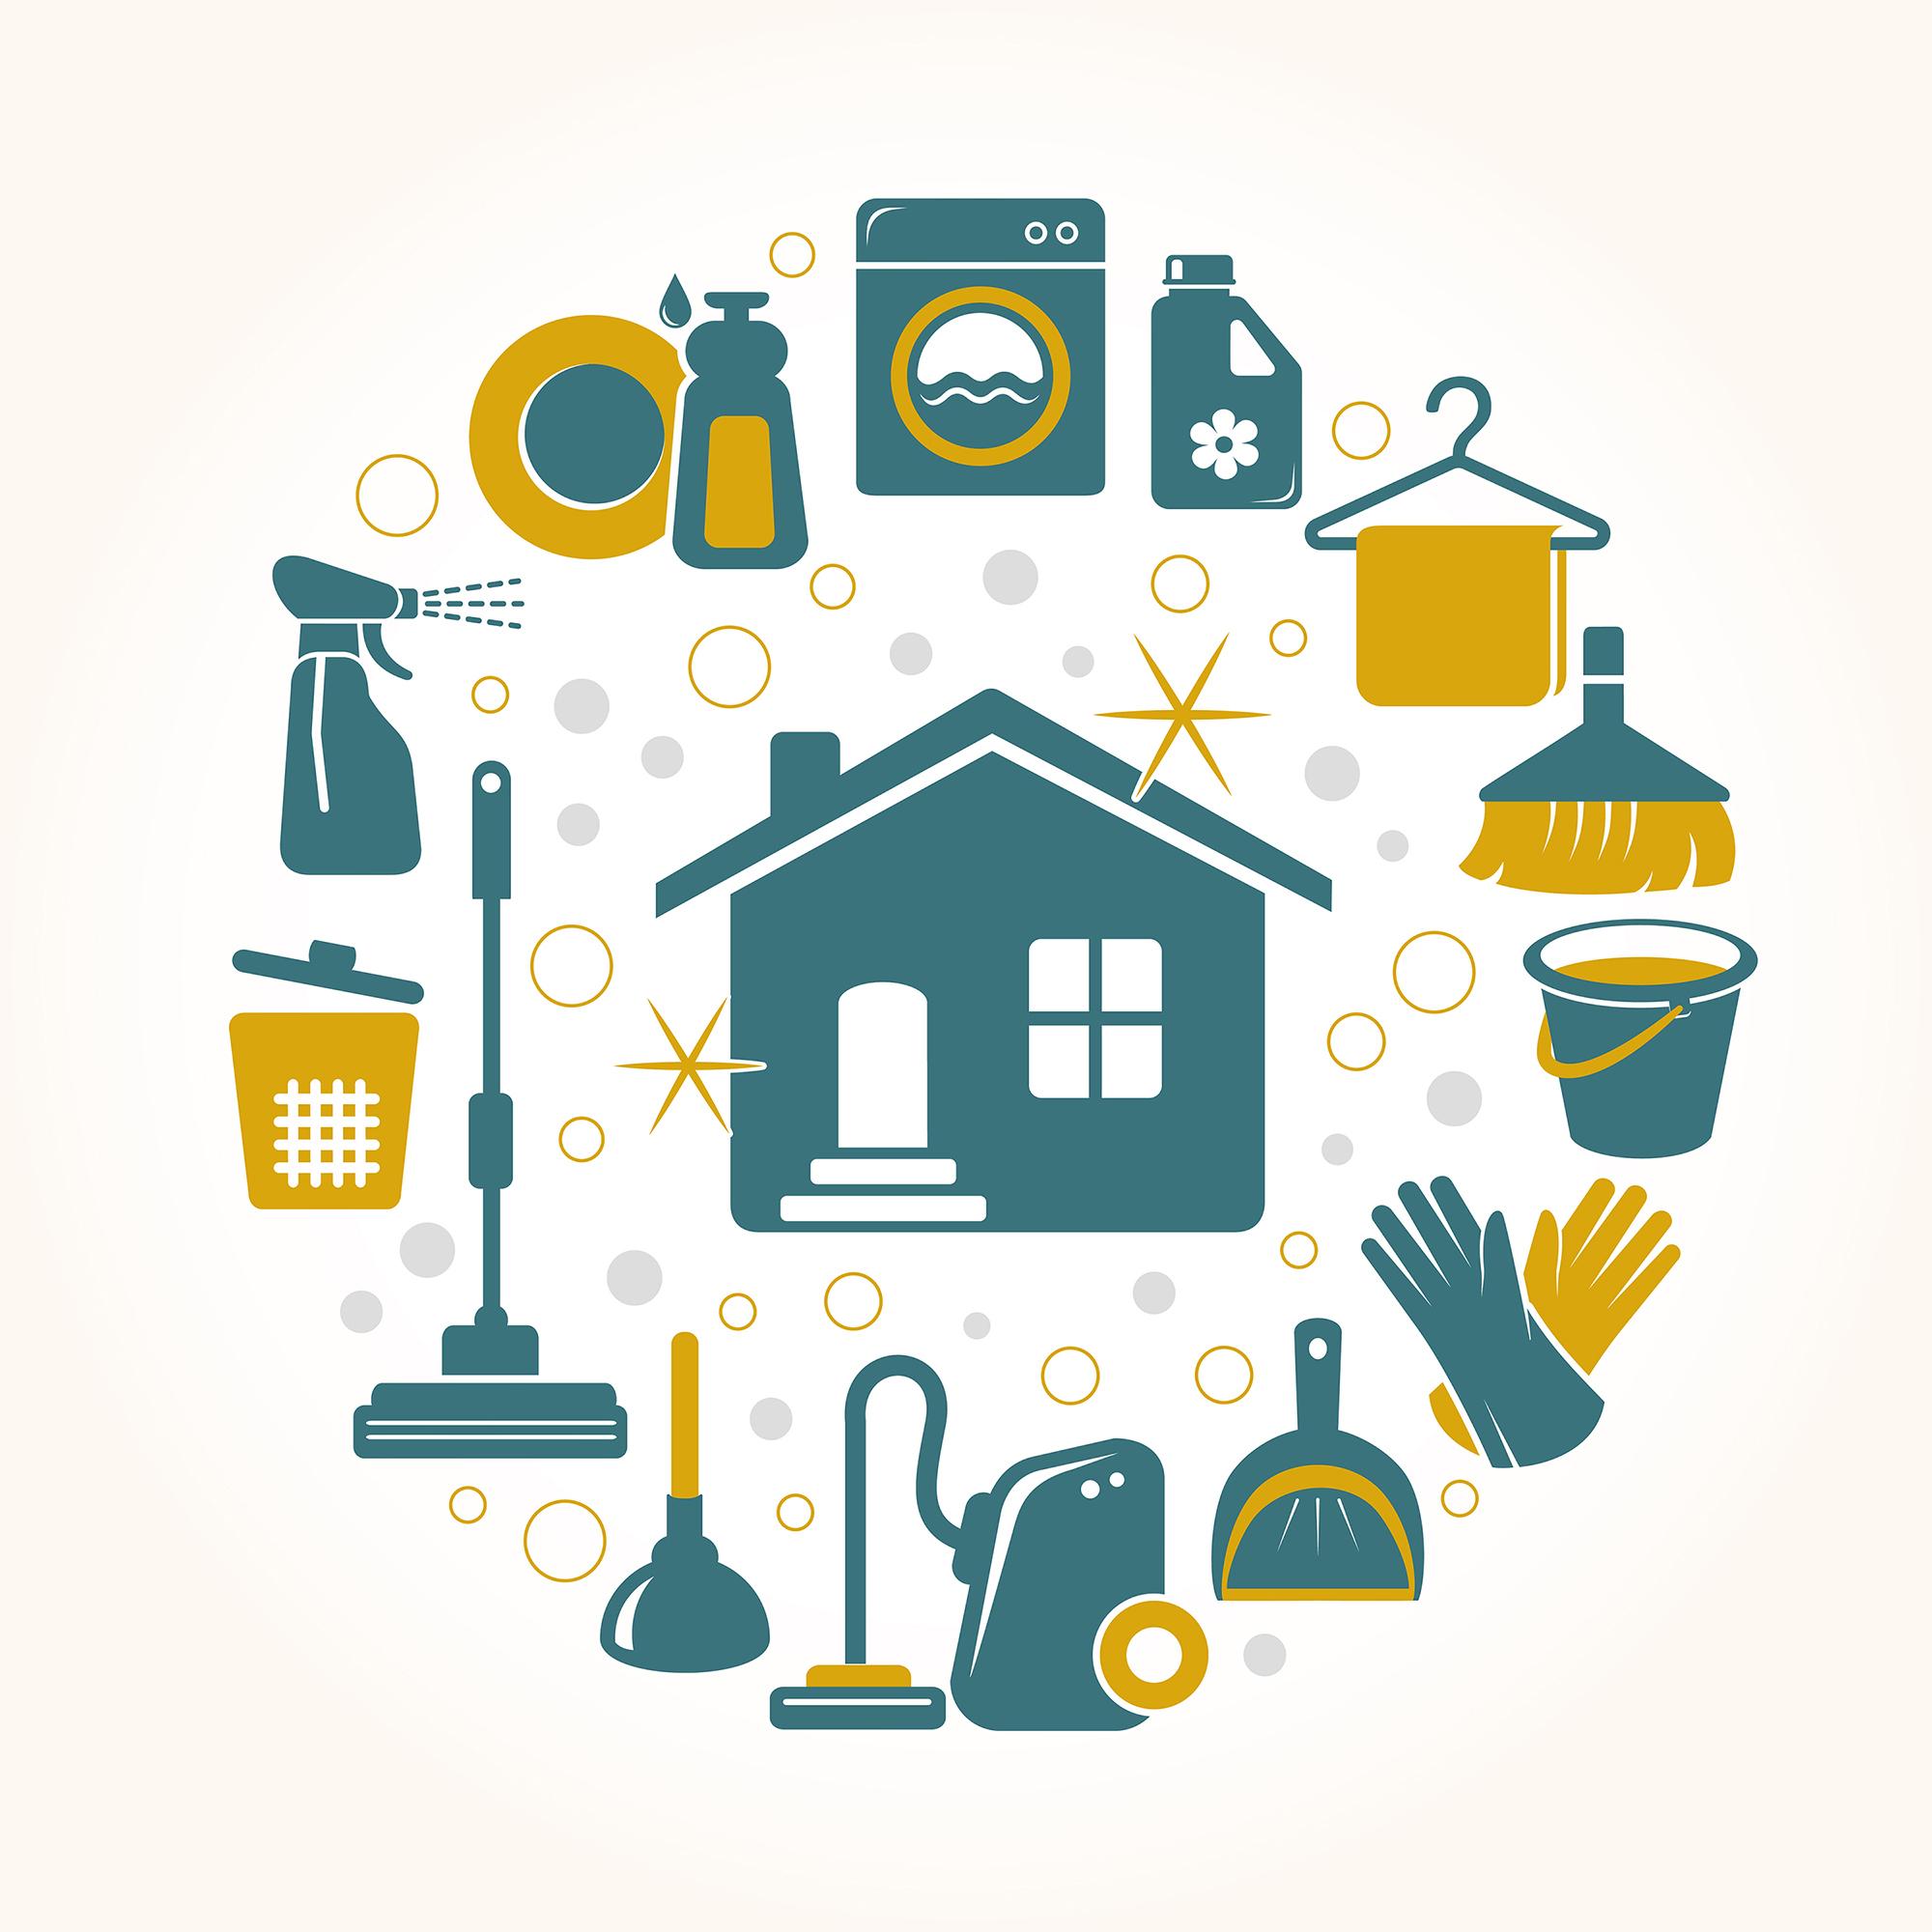 Ahorrar en la limpieza del hogar blog provident - Imagenes de limpieza de casas ...